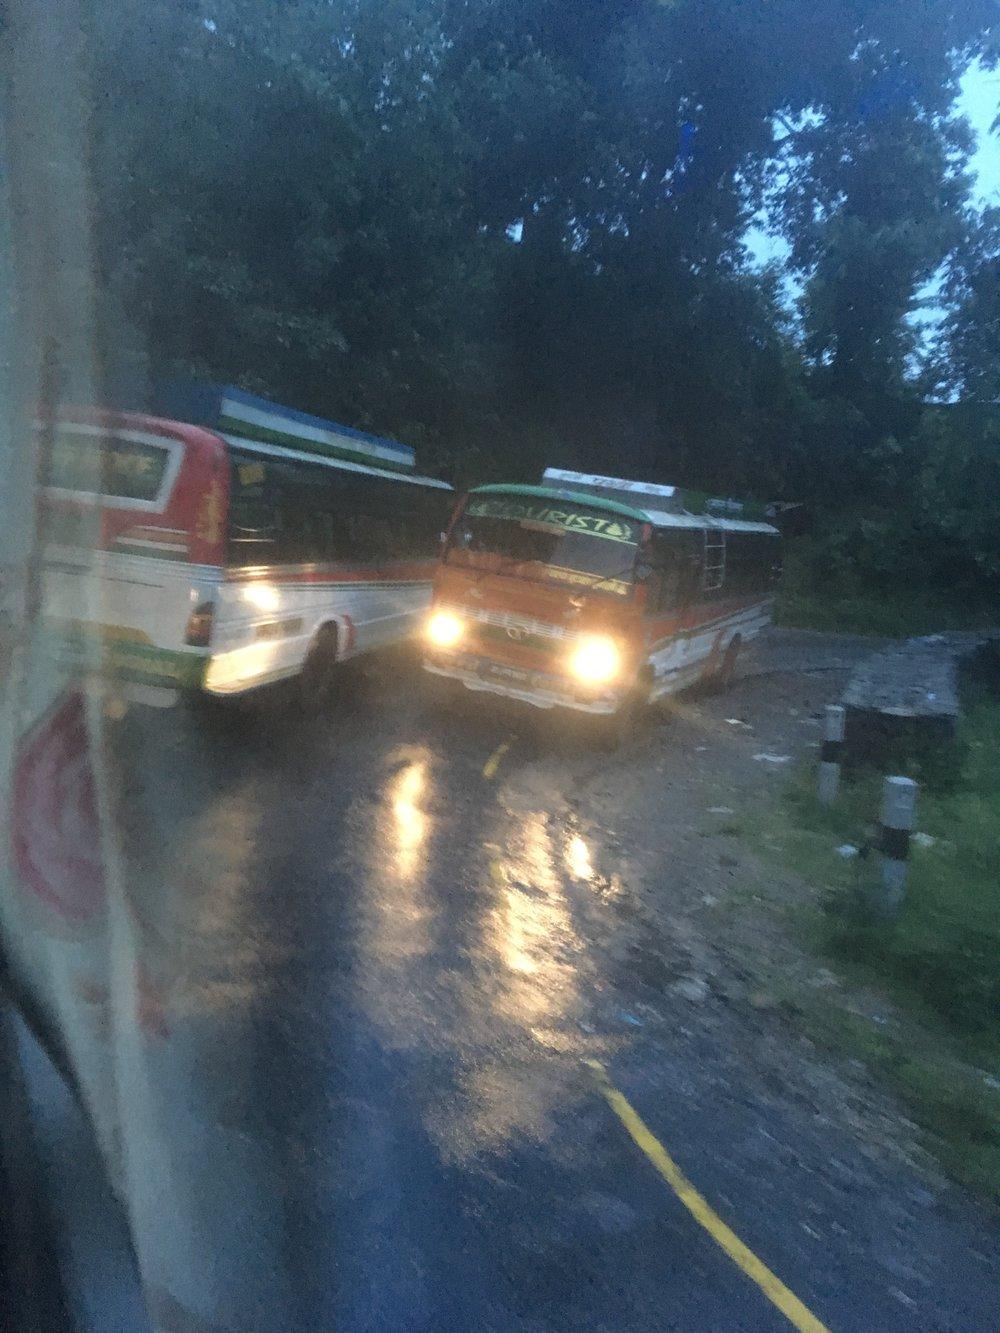 Overtaking buses